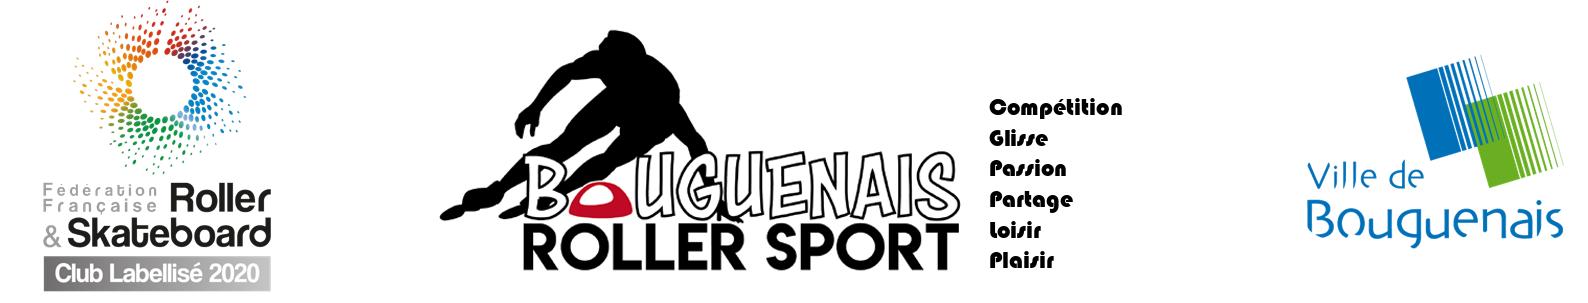 Bouguenais Roller Sport – Amicale Laïque des Couëts